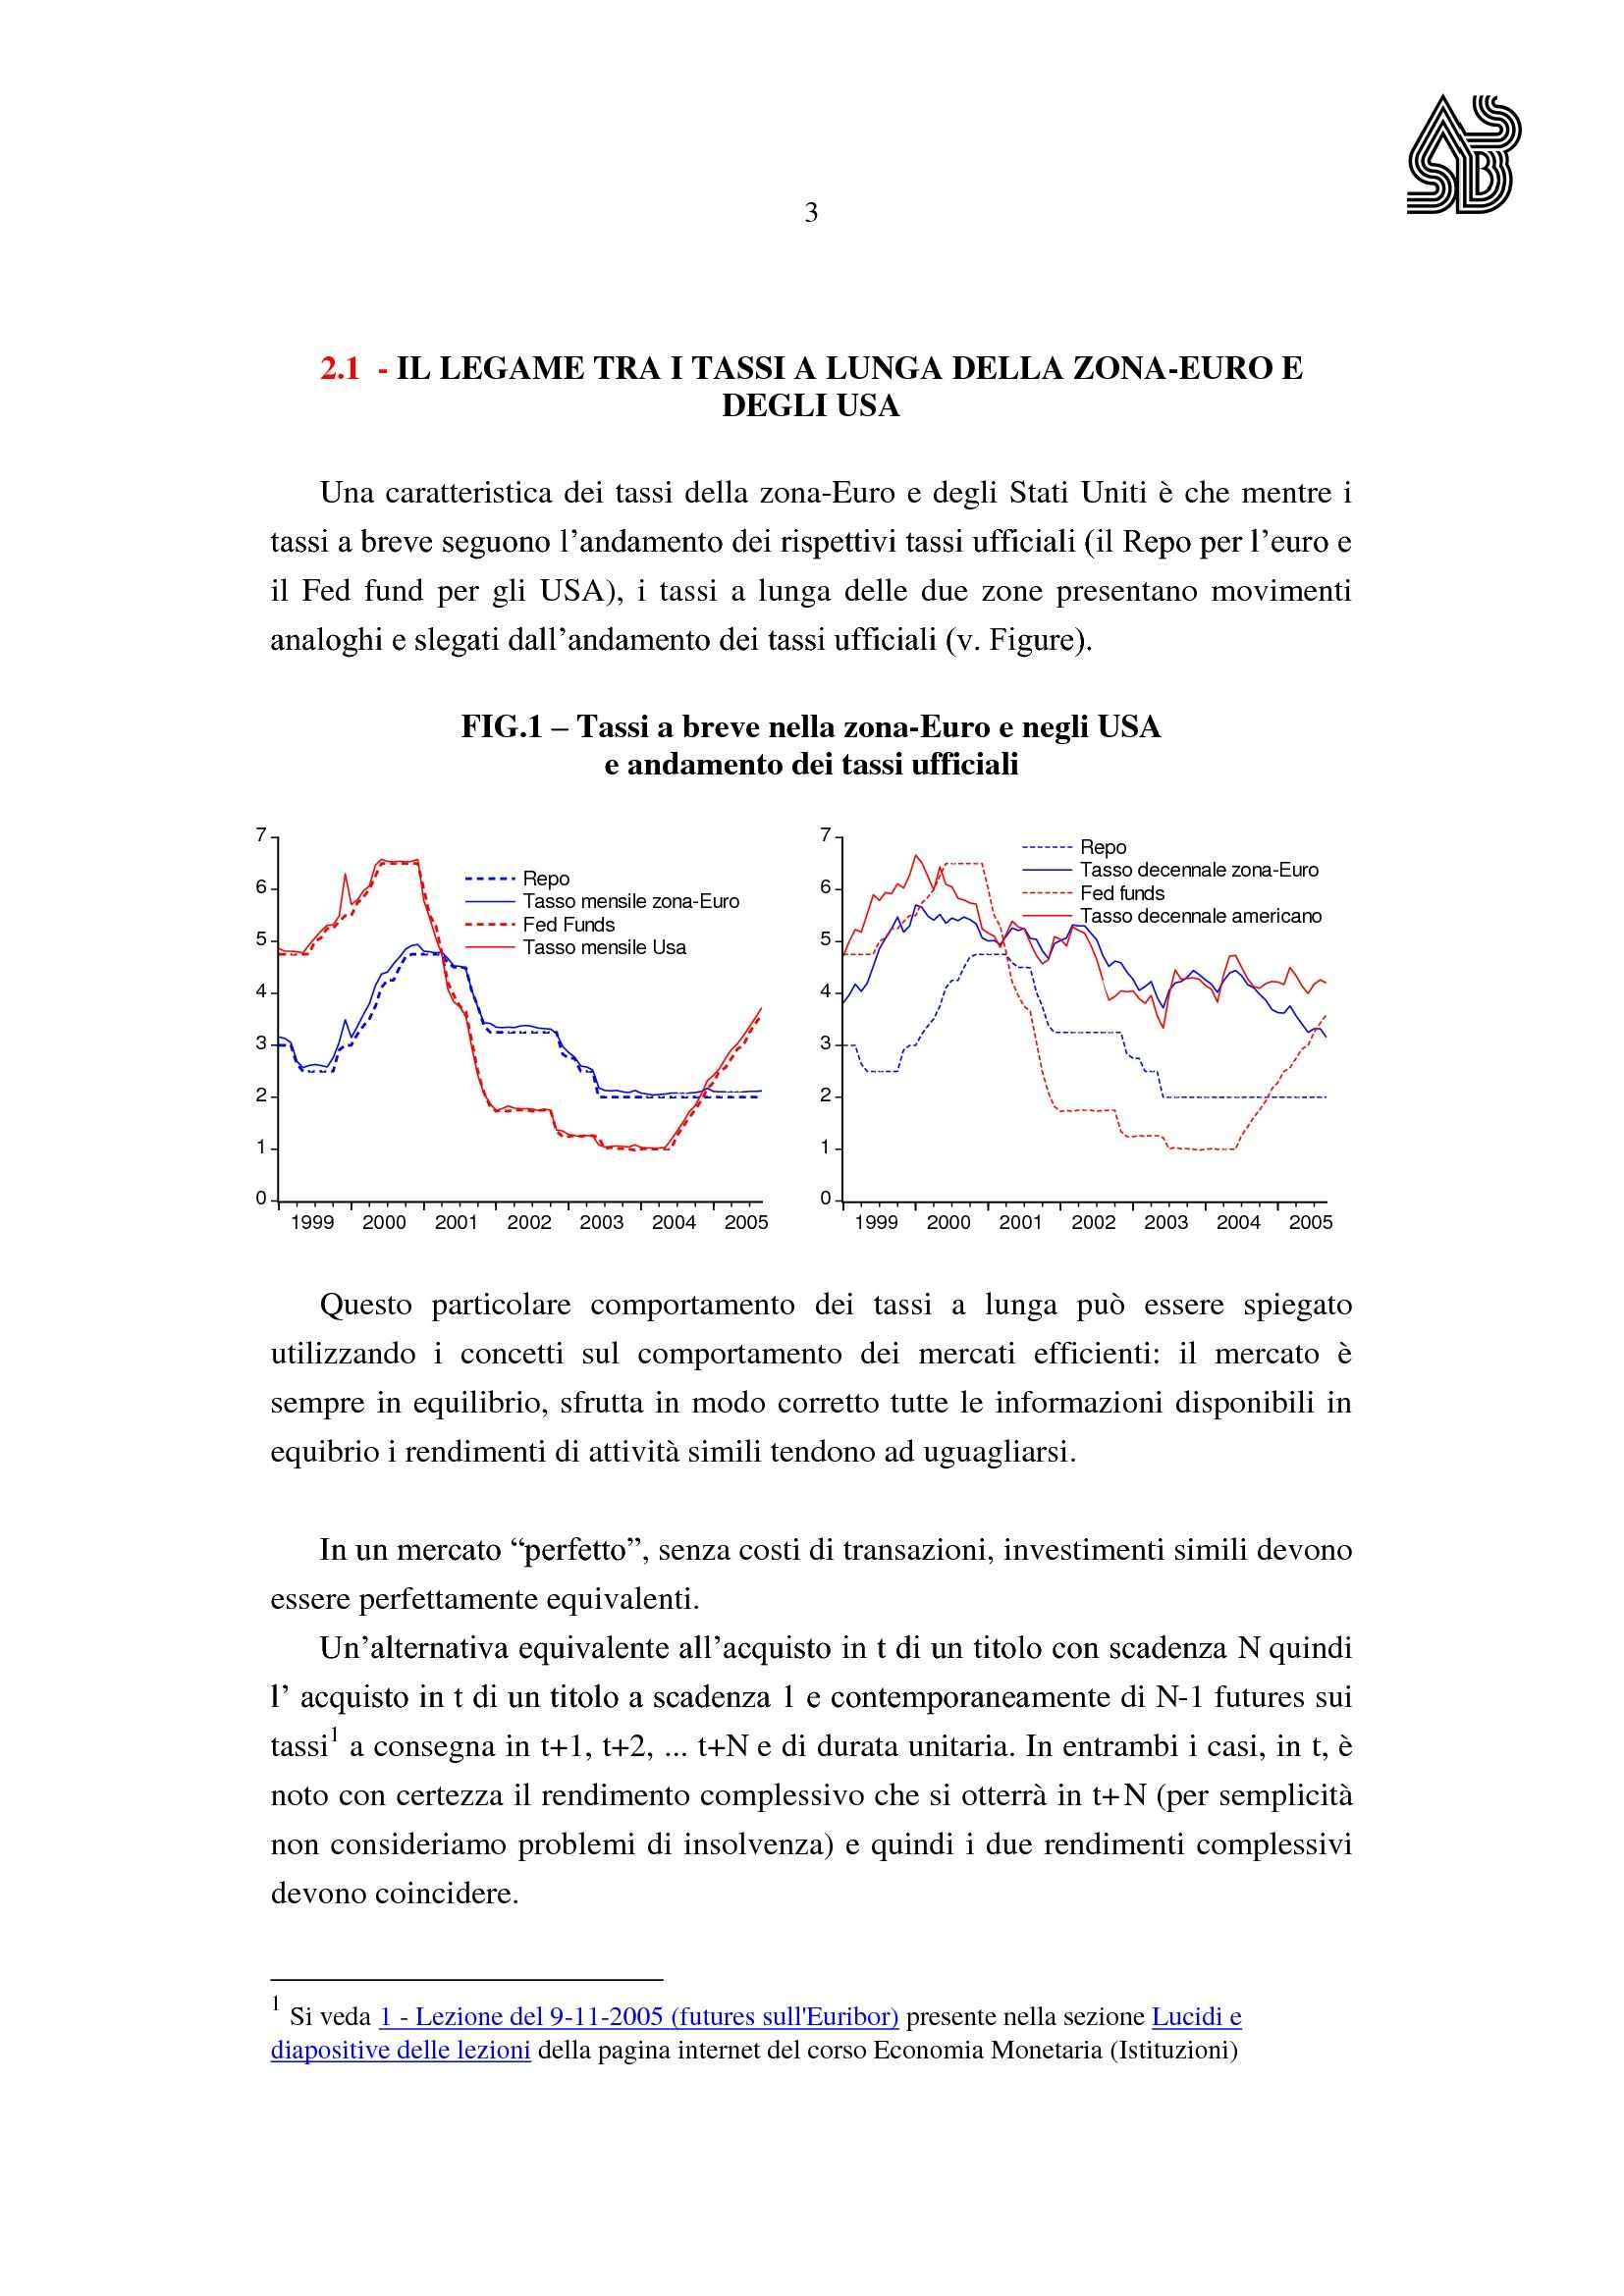 dispensa G. Verga Analisi e previsioni nei mercati finanziari